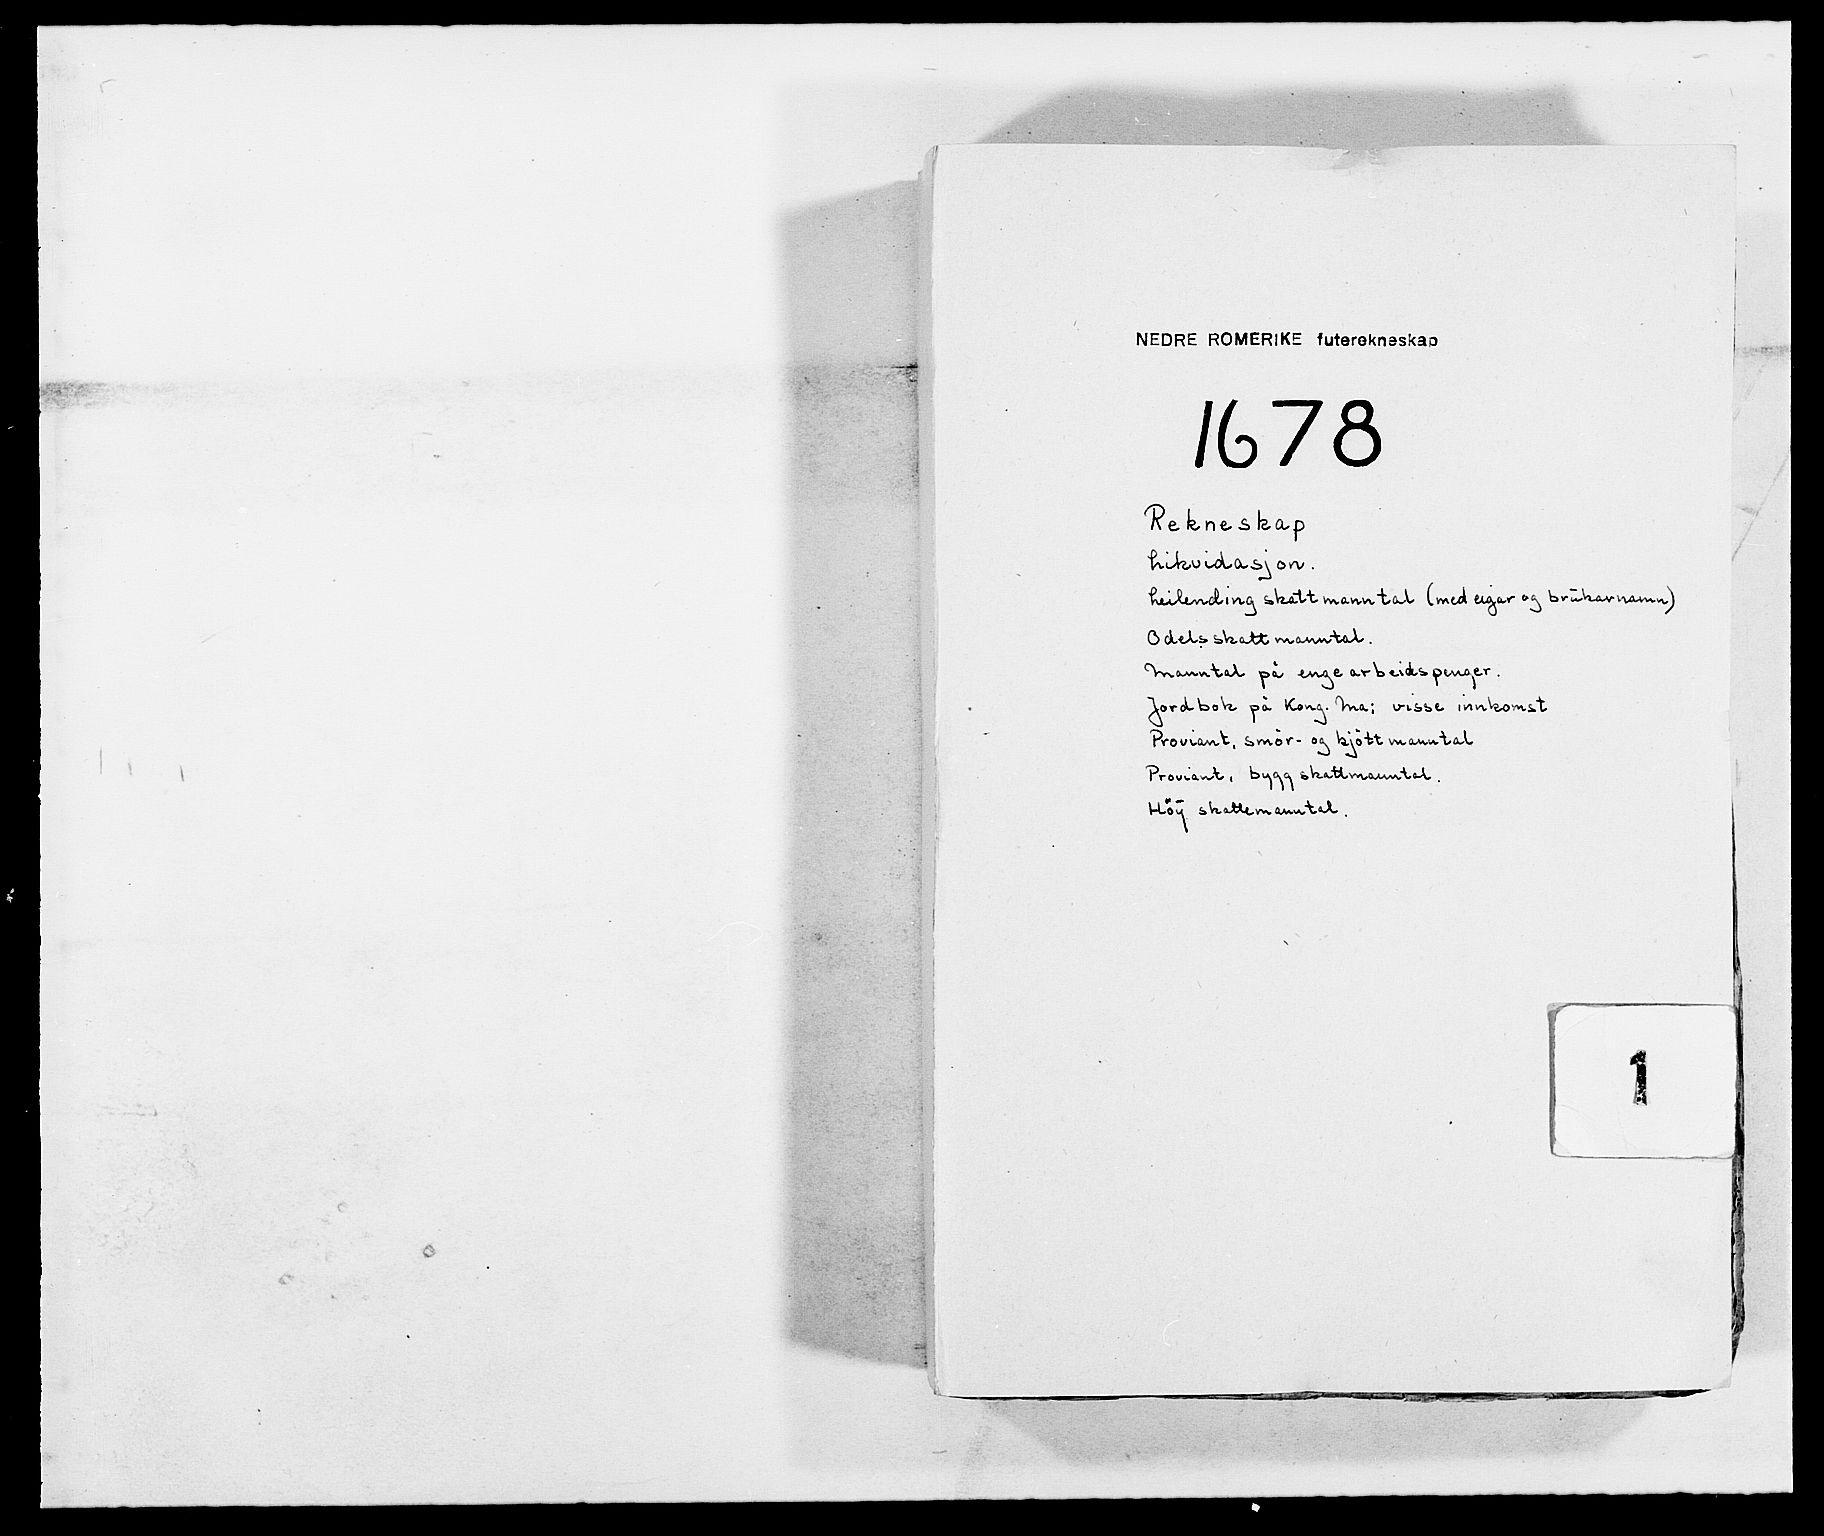 RA, Rentekammeret inntil 1814, Reviderte regnskaper, Fogderegnskap, R11/L0567: Fogderegnskap Nedre Romerike, 1678, s. 1